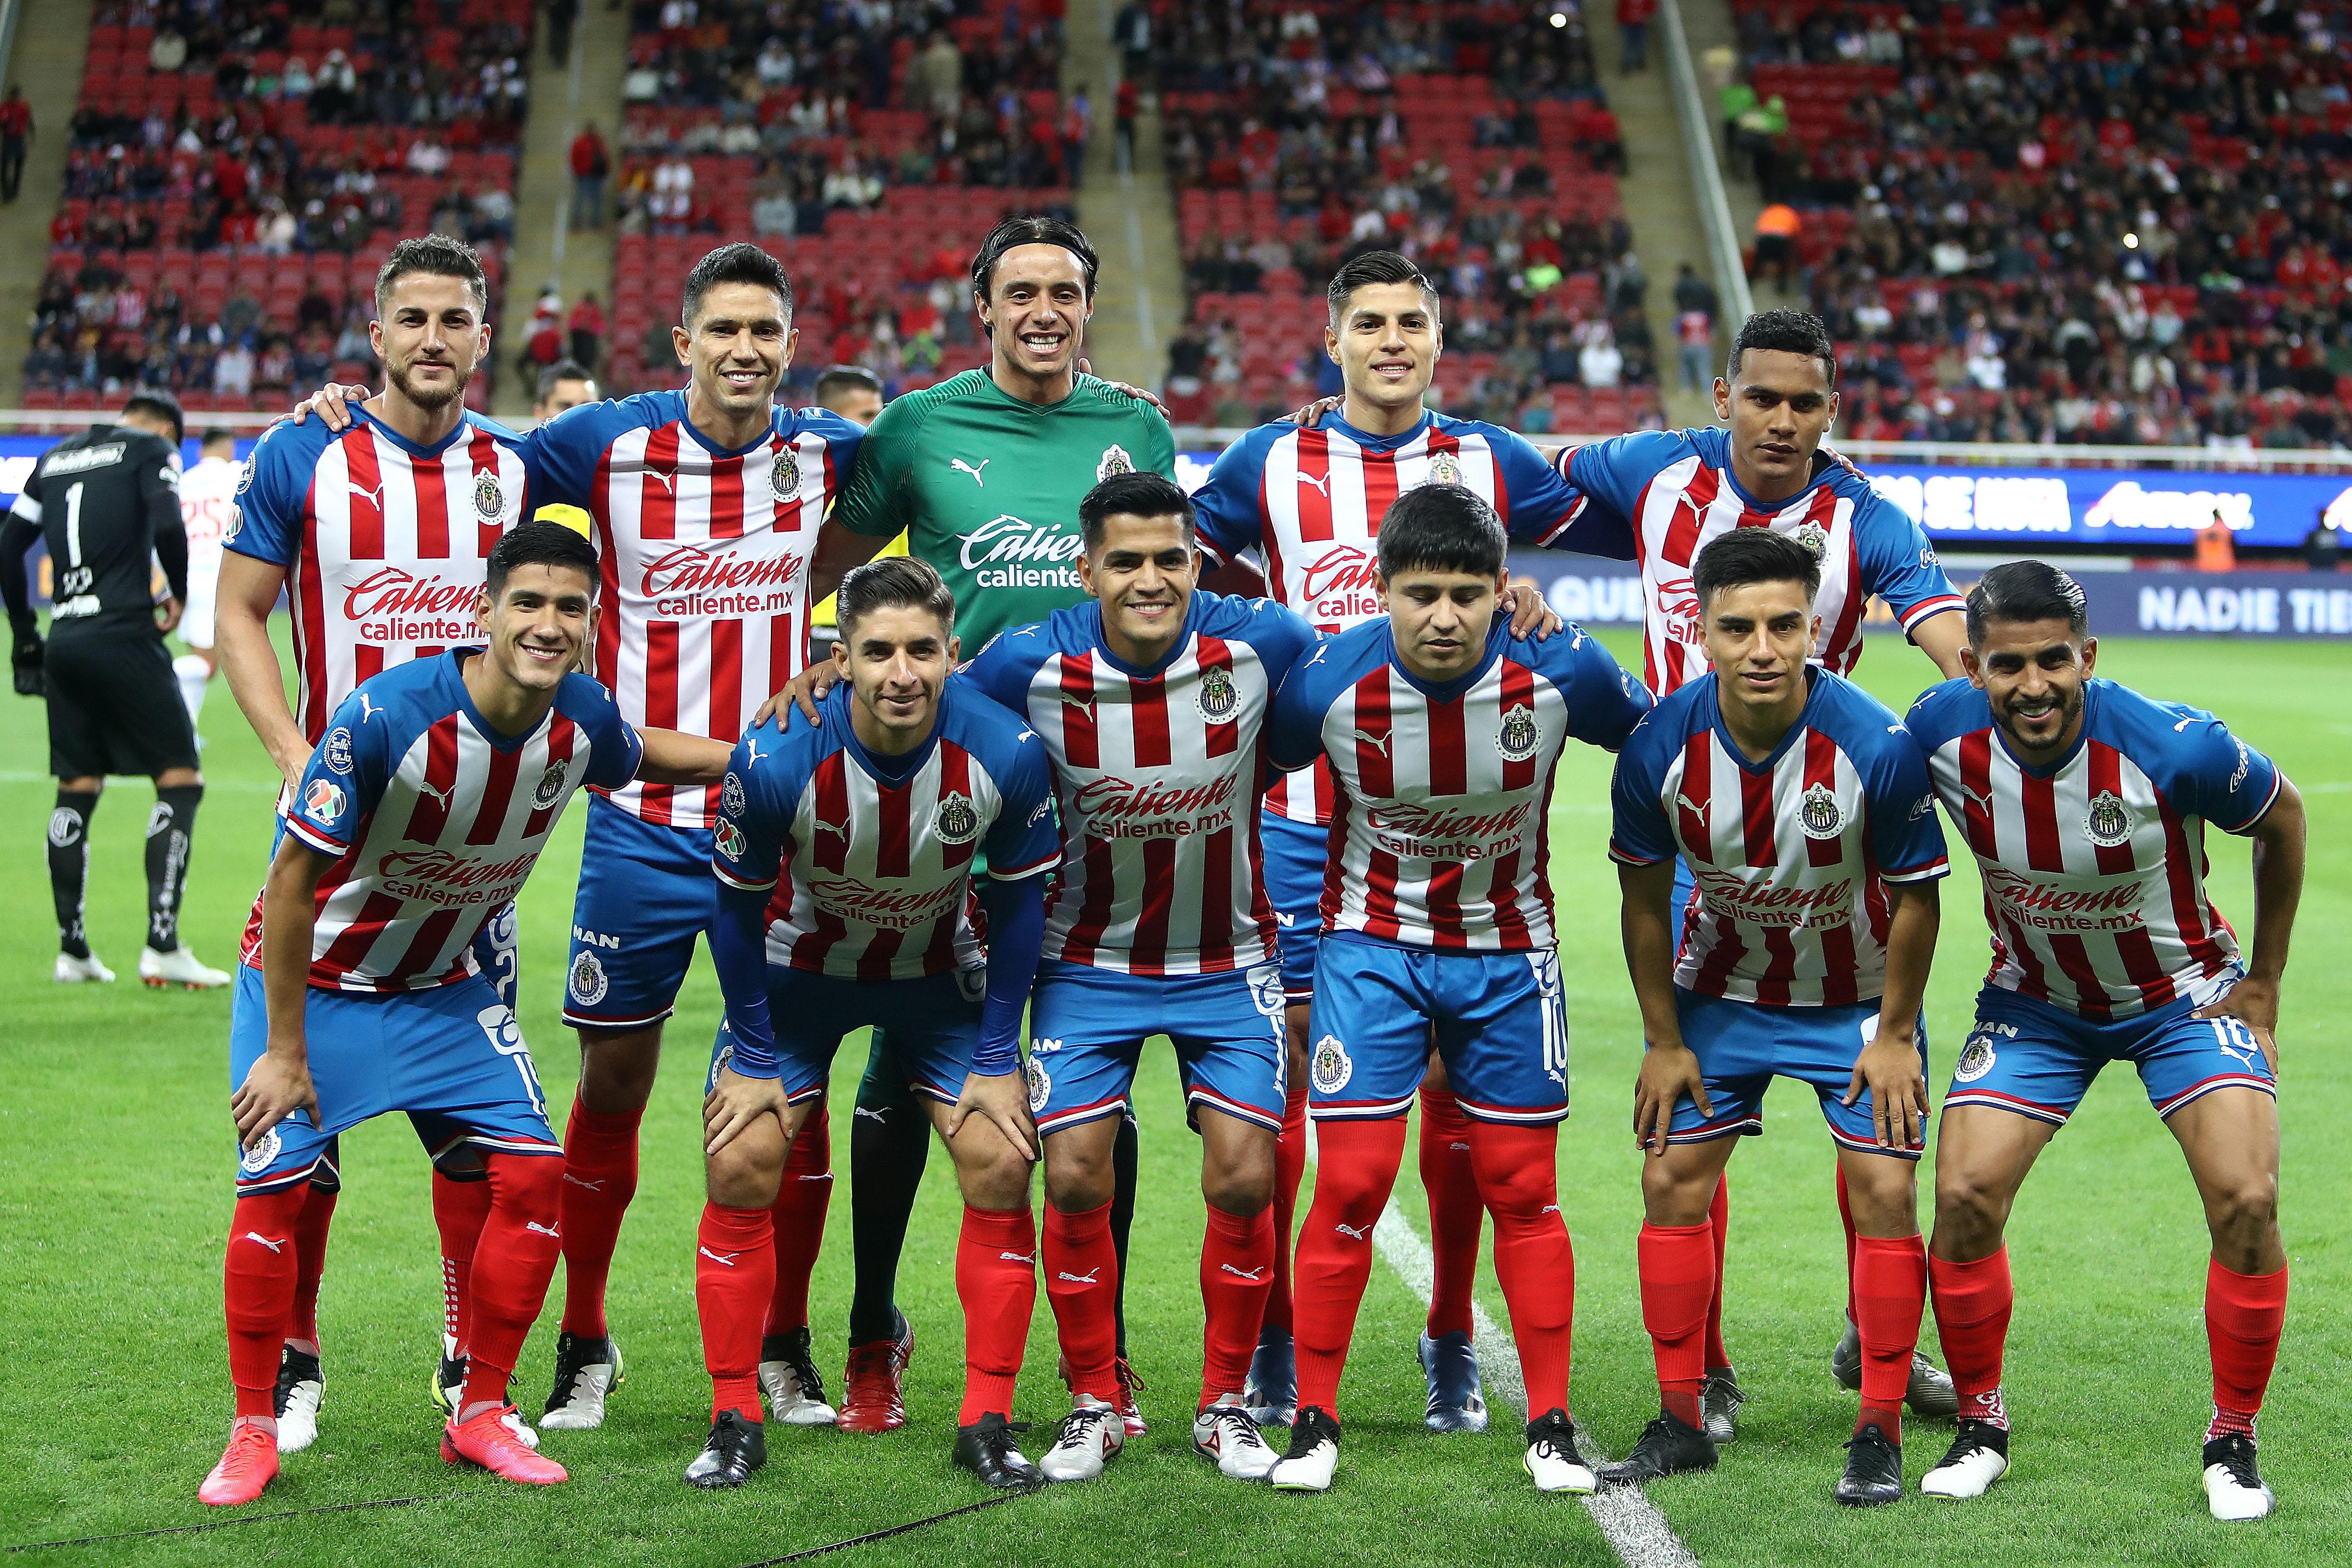 Ayudaron a Chivas con la 'eliminación' del Ascenso? - Los Pleyers